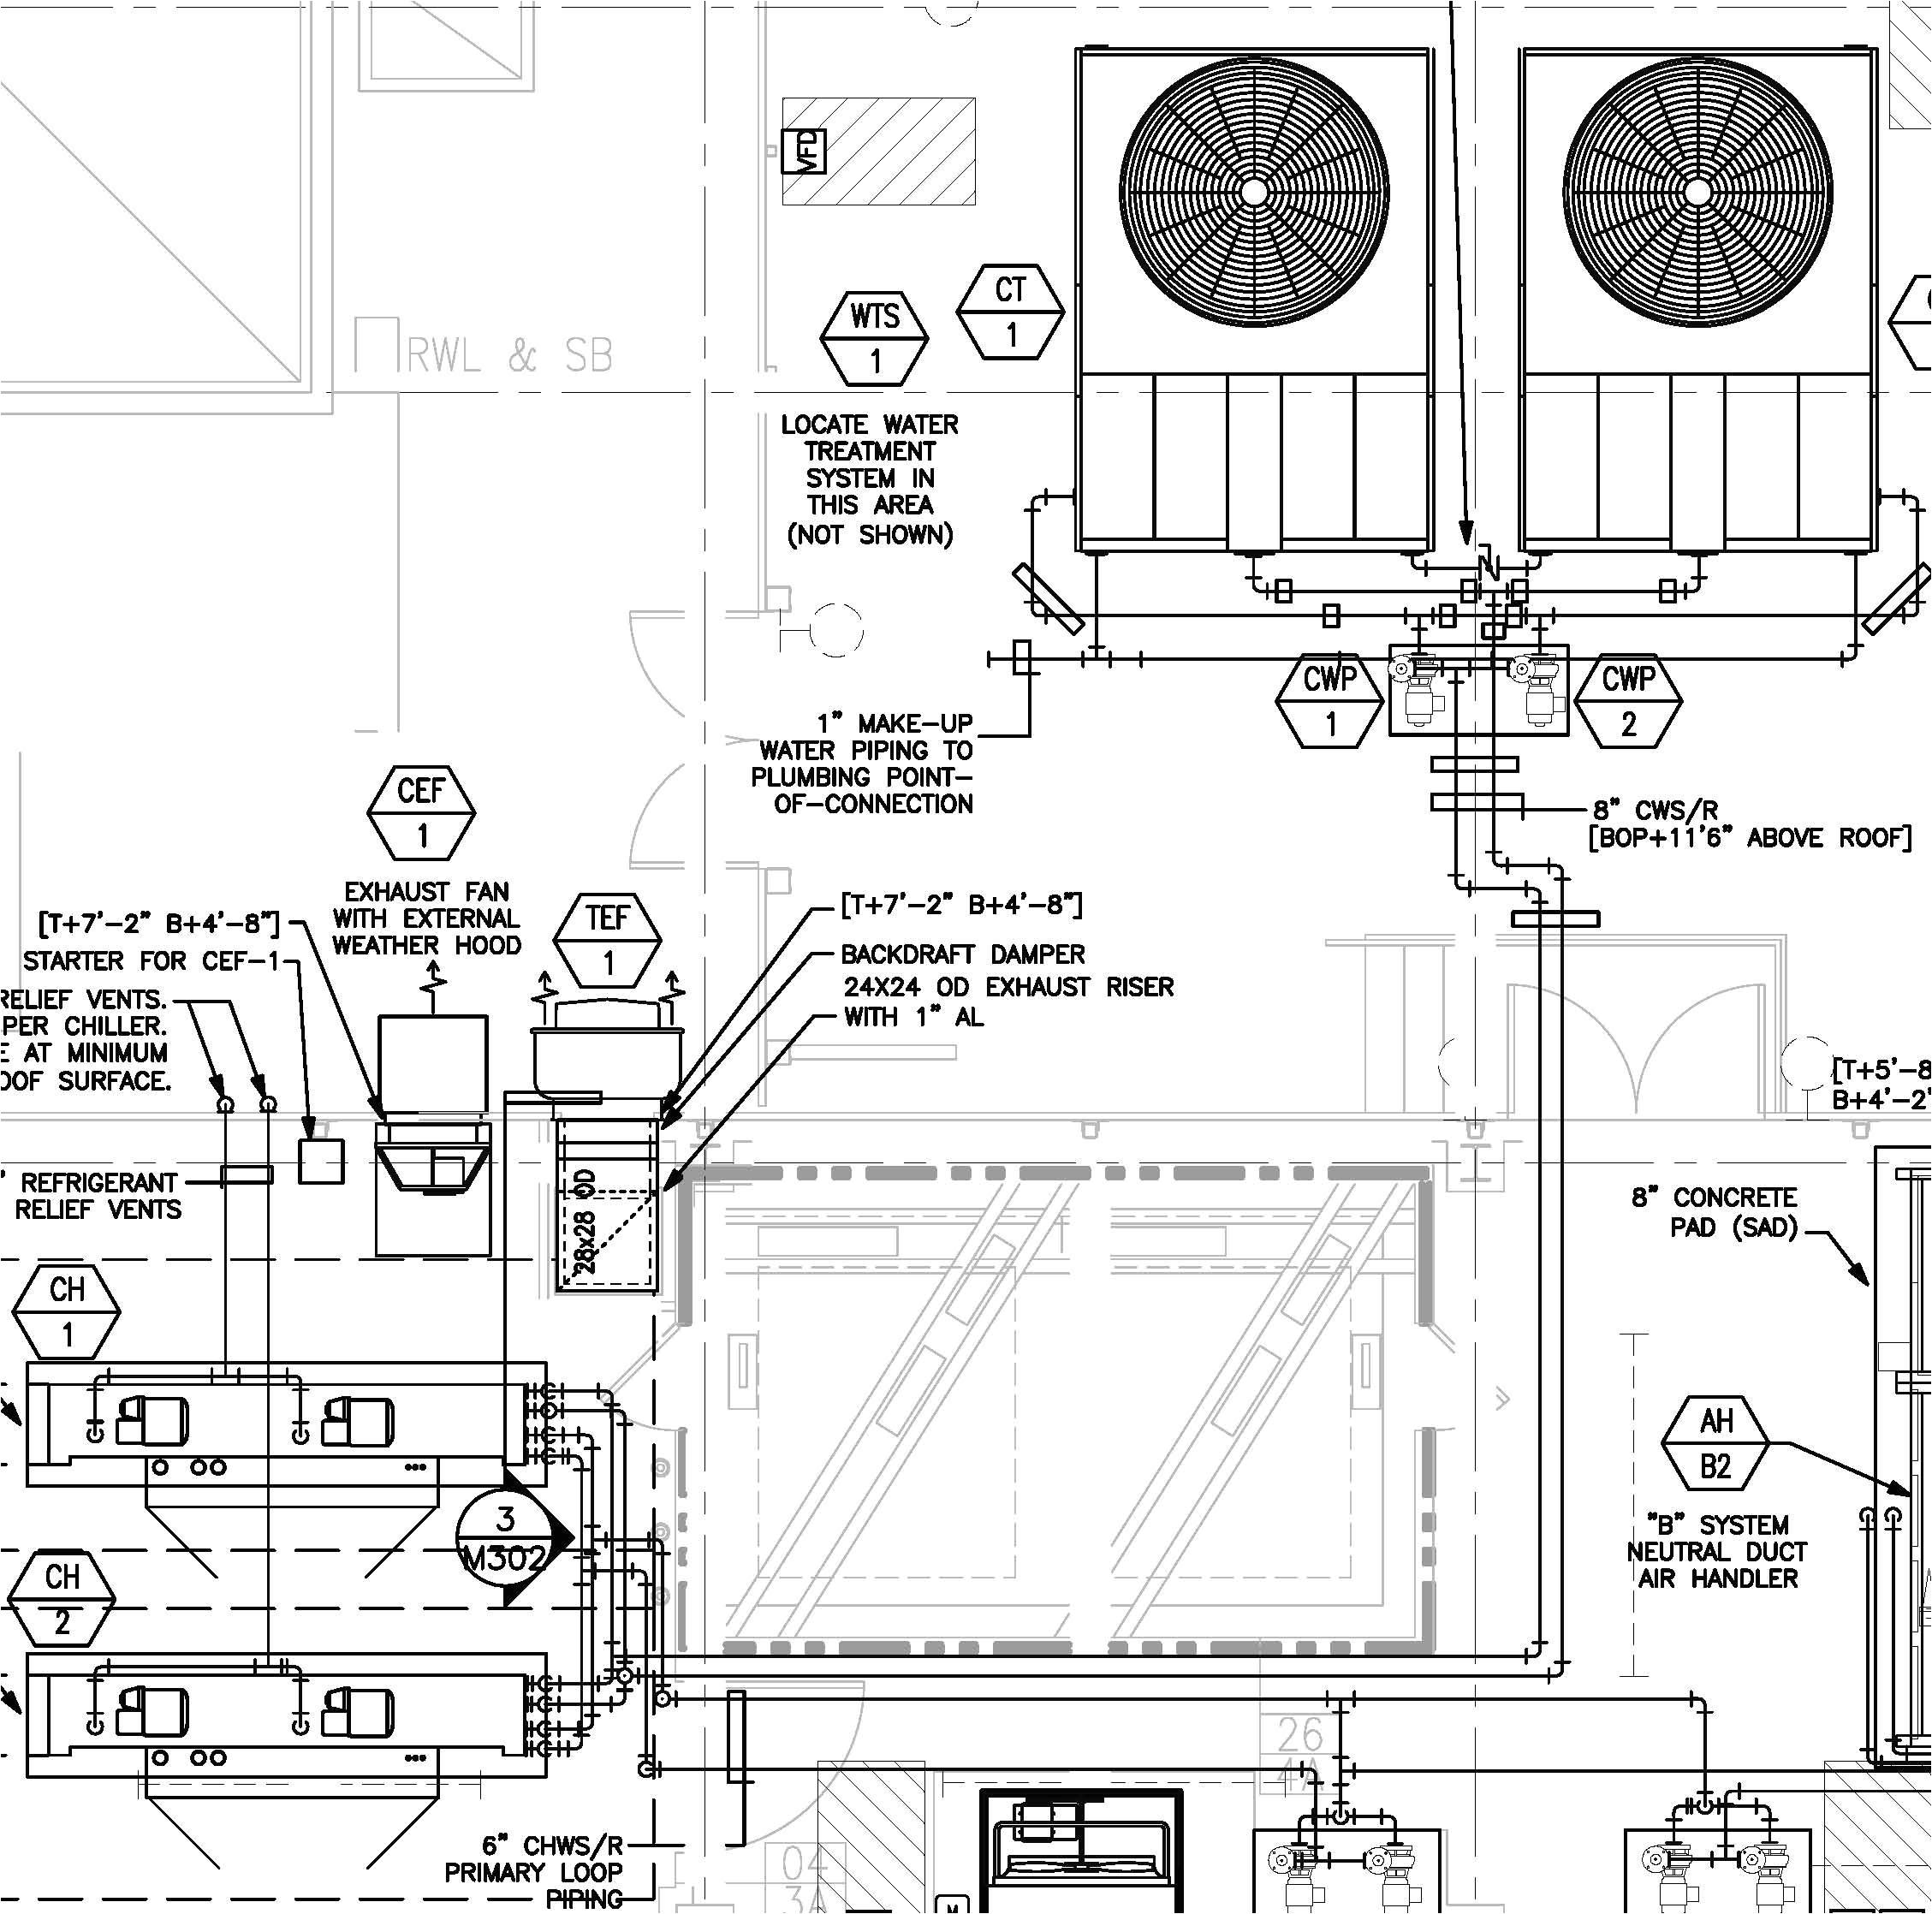 Unit Heater Wiring Diagram York Millennium Schematics Y14 Search Wiring Diagram